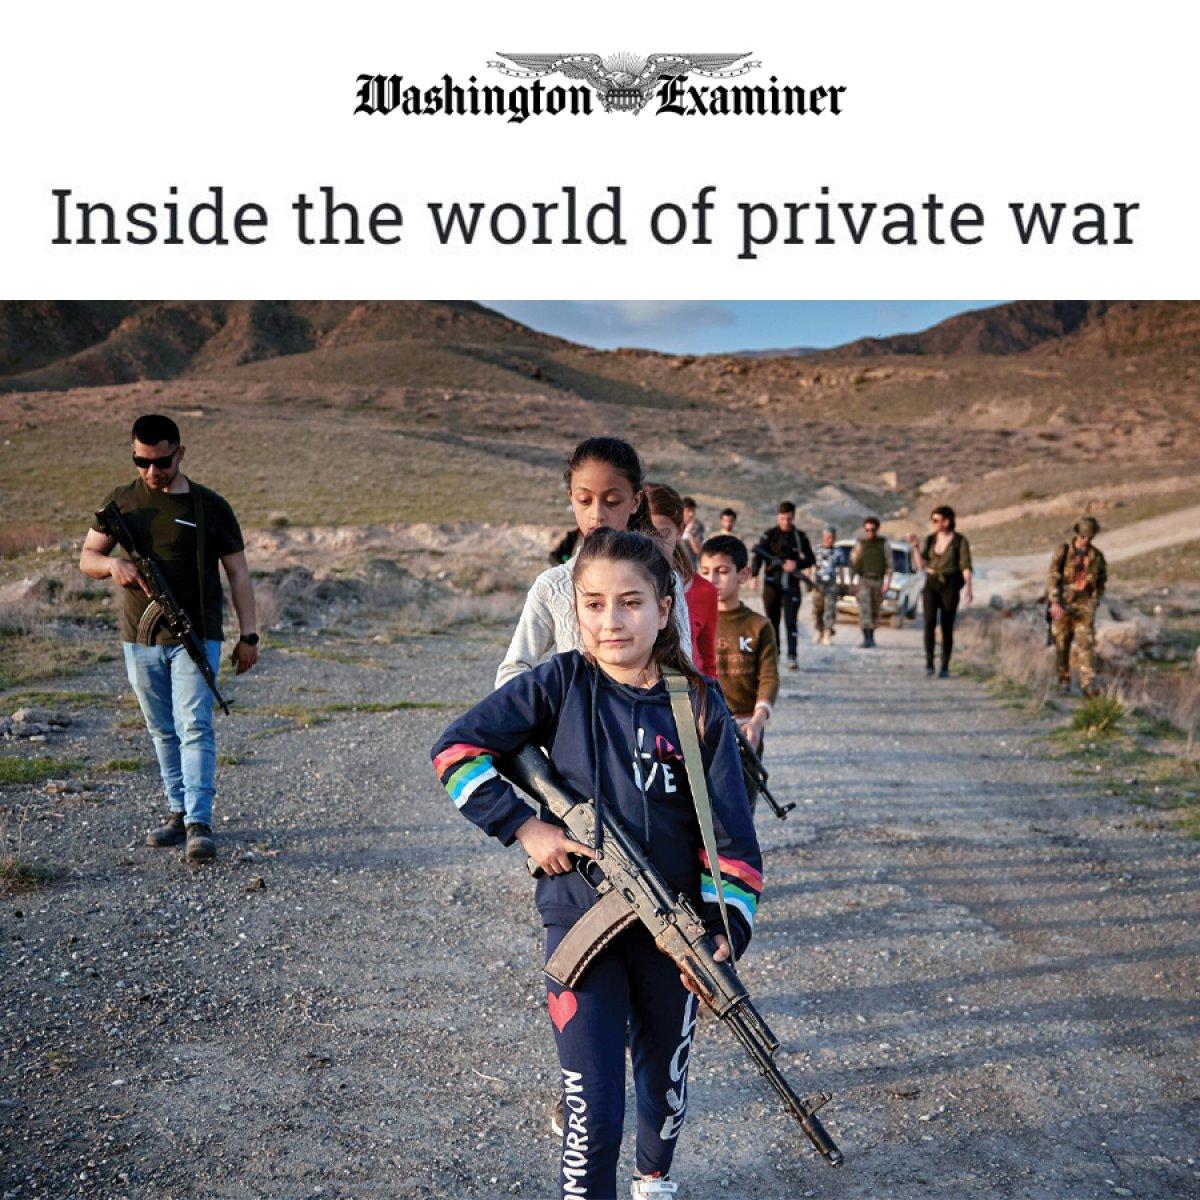 Ermenistan da çocuklara silahlı eğitim veriliyor #1